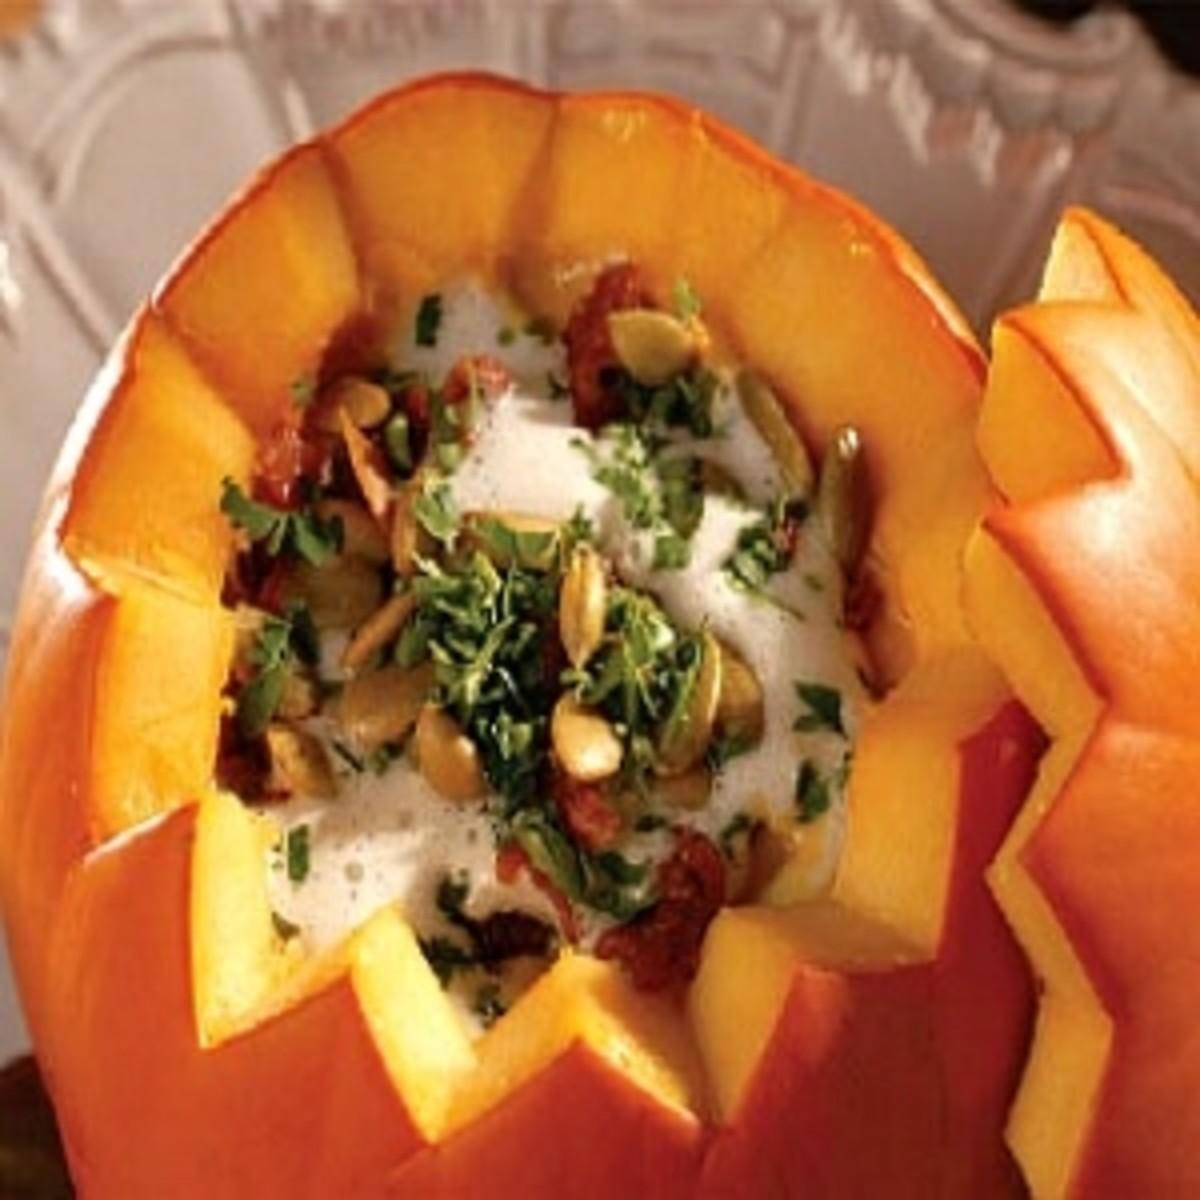 Pumpkin Soup Served in a Pumpkin